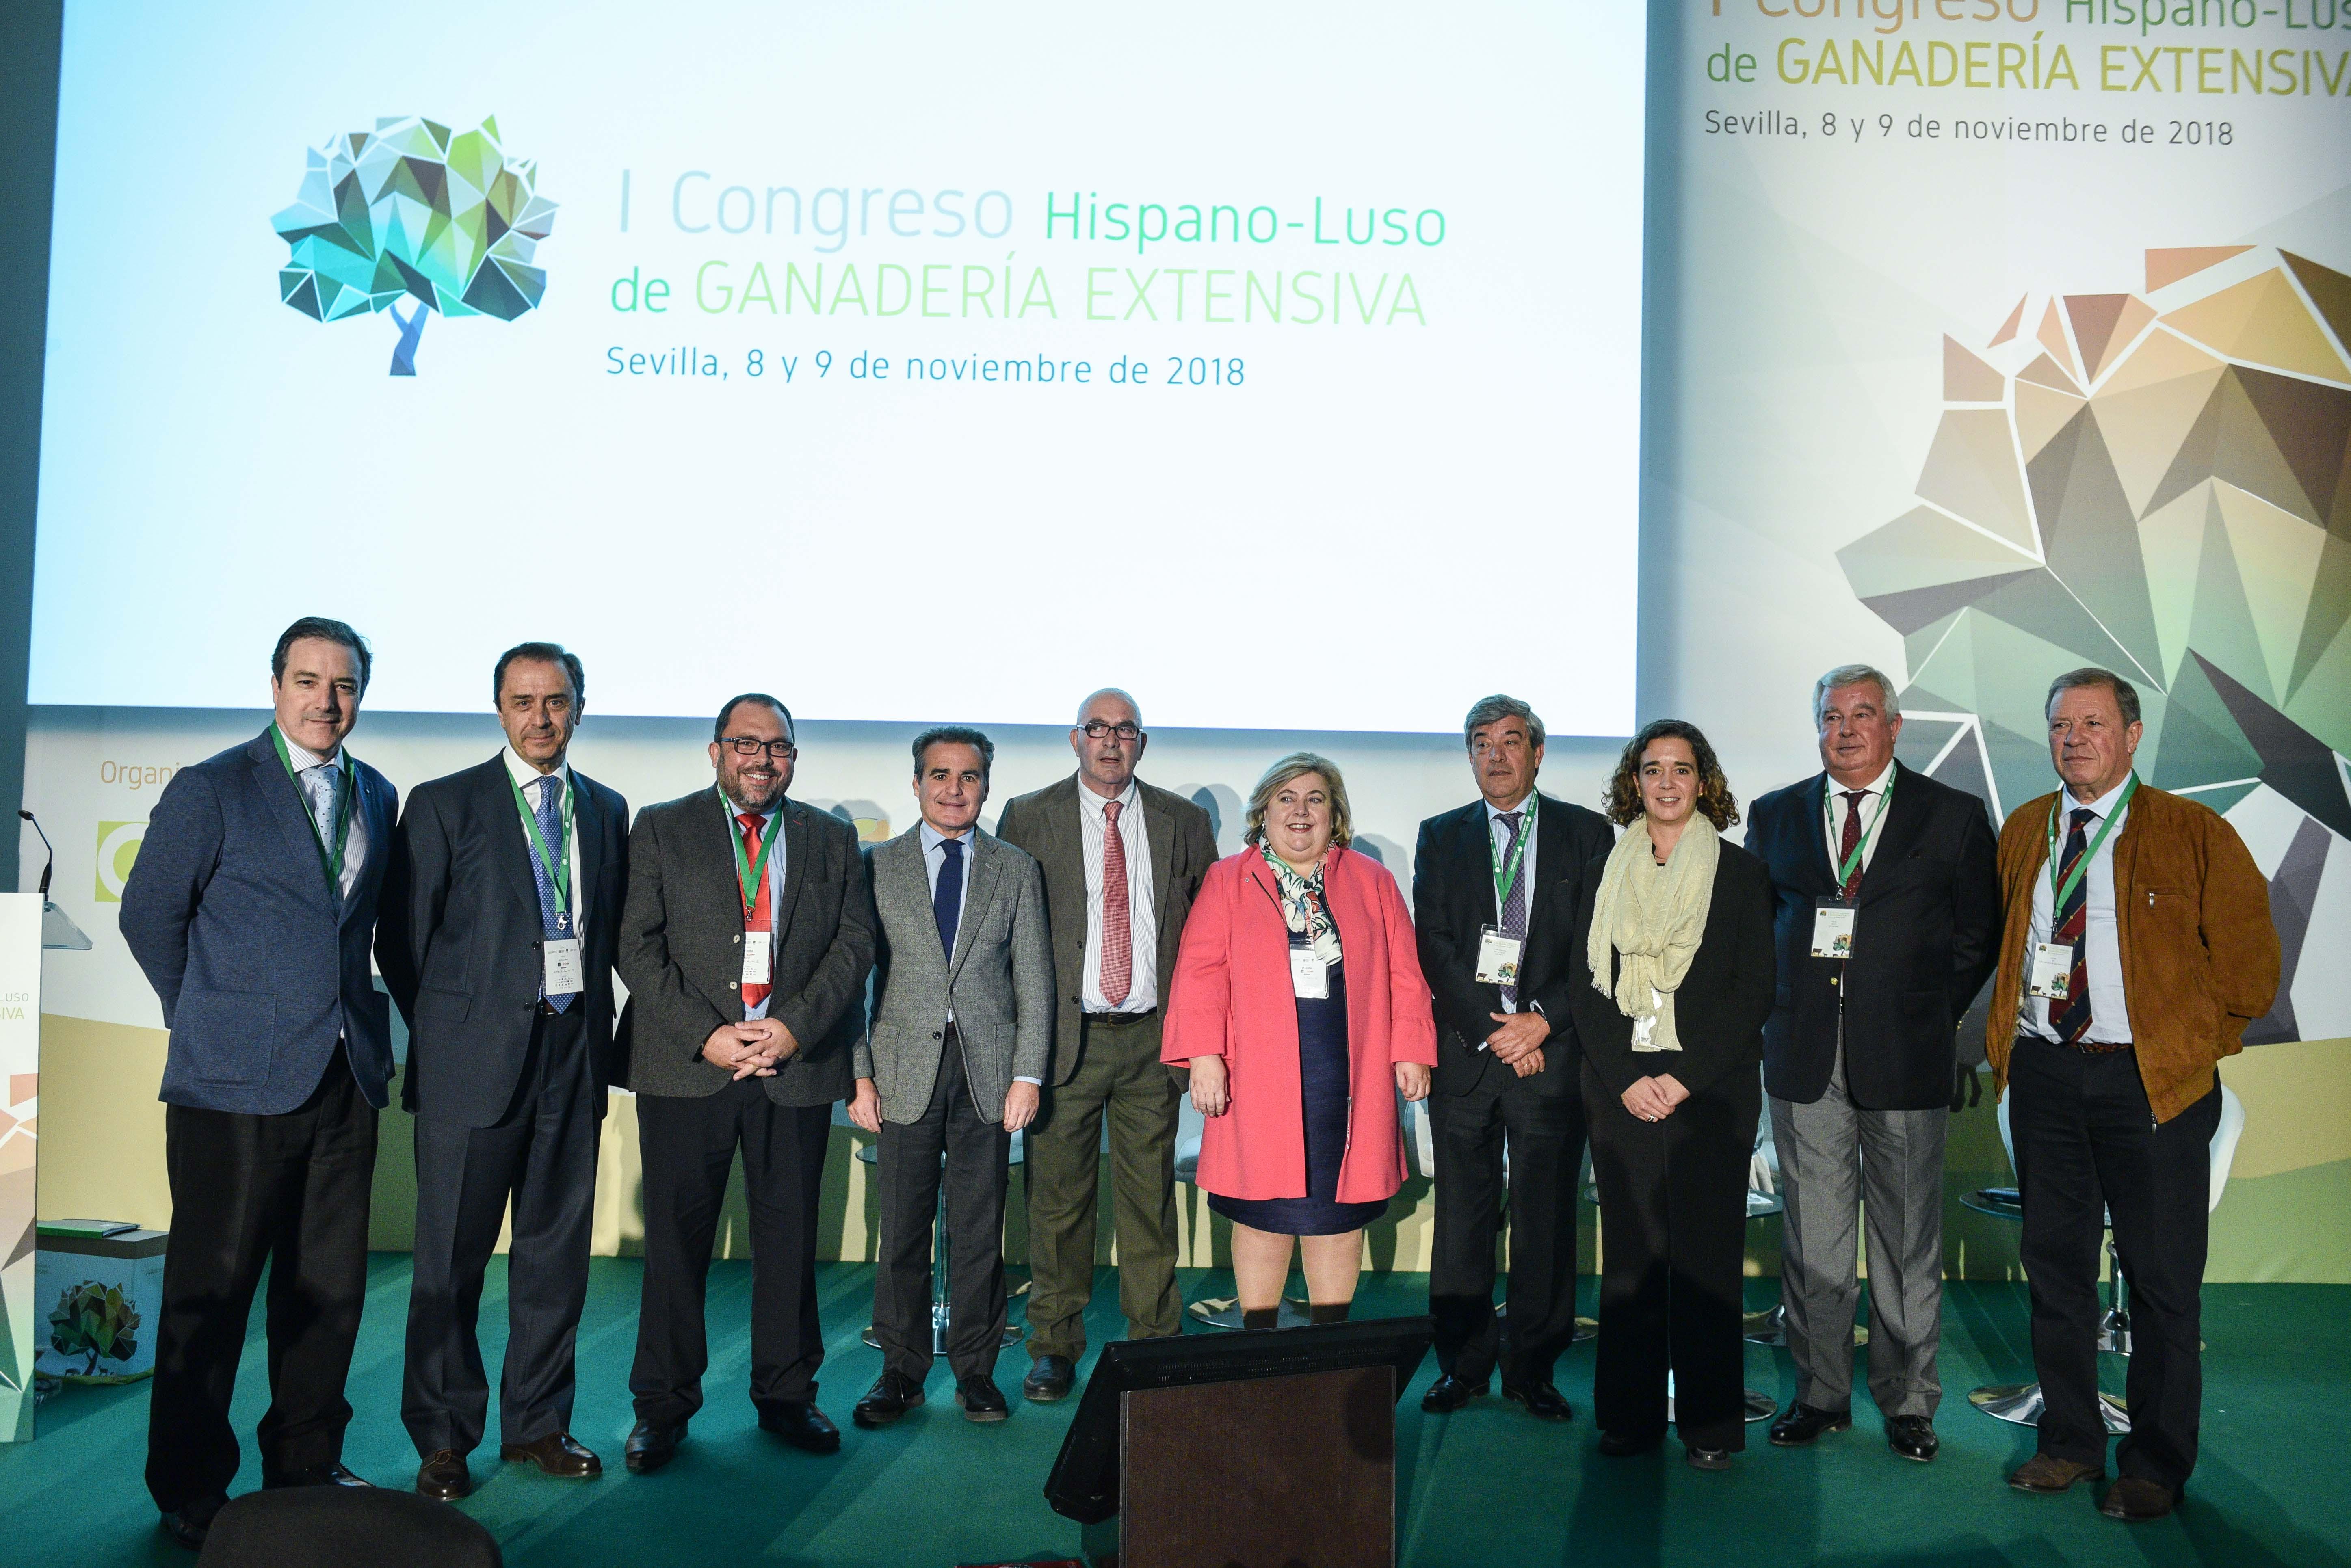 I Congreso Hispano-Luso de Ganadería Extensiva